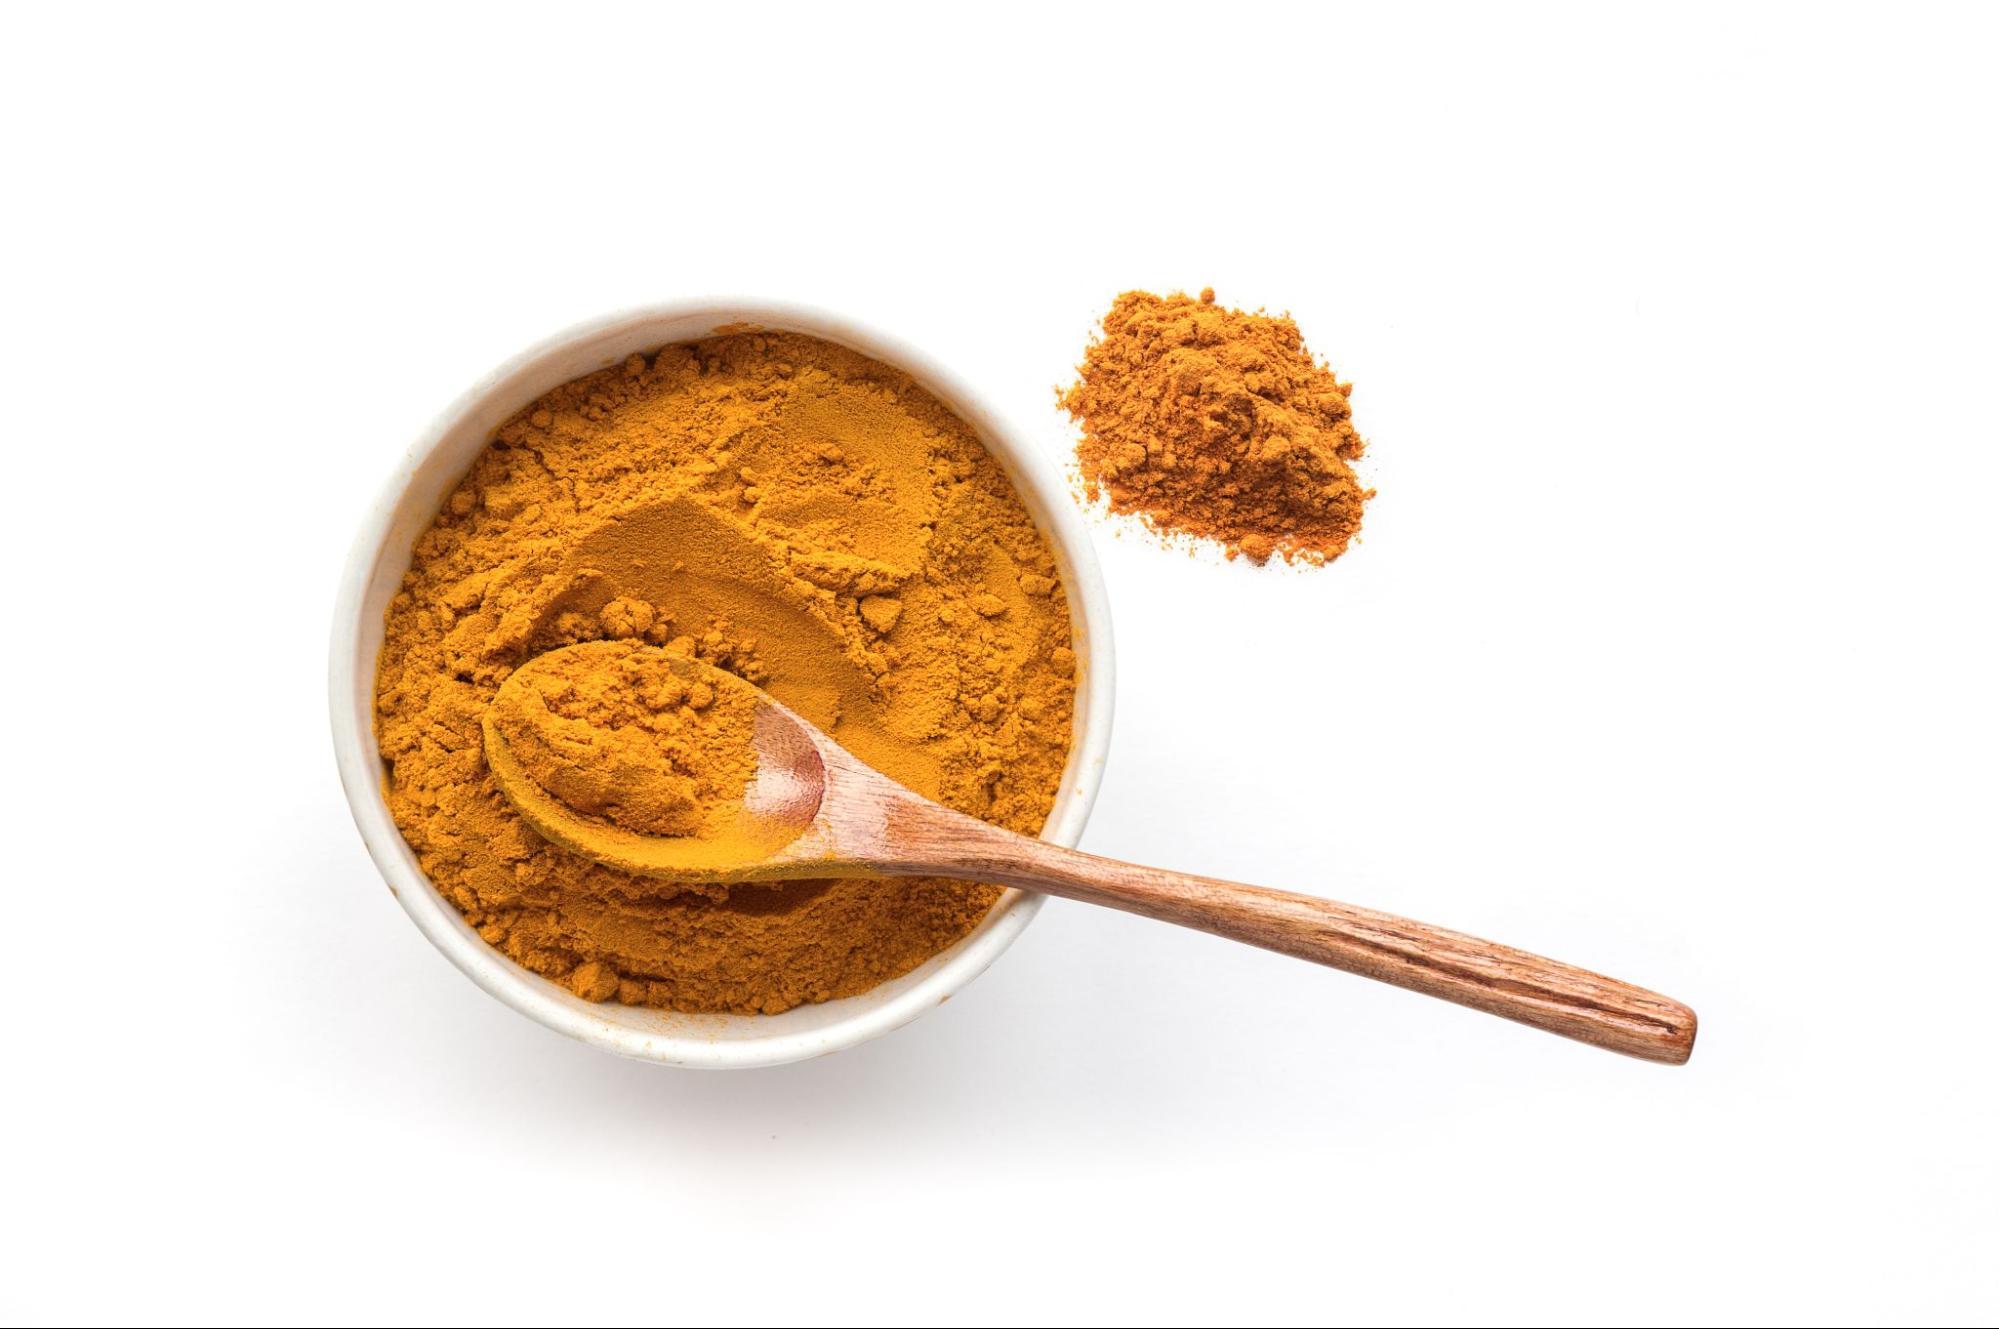 桑黃與薑黃都具有護肝、抗氧化與抗發炎功效